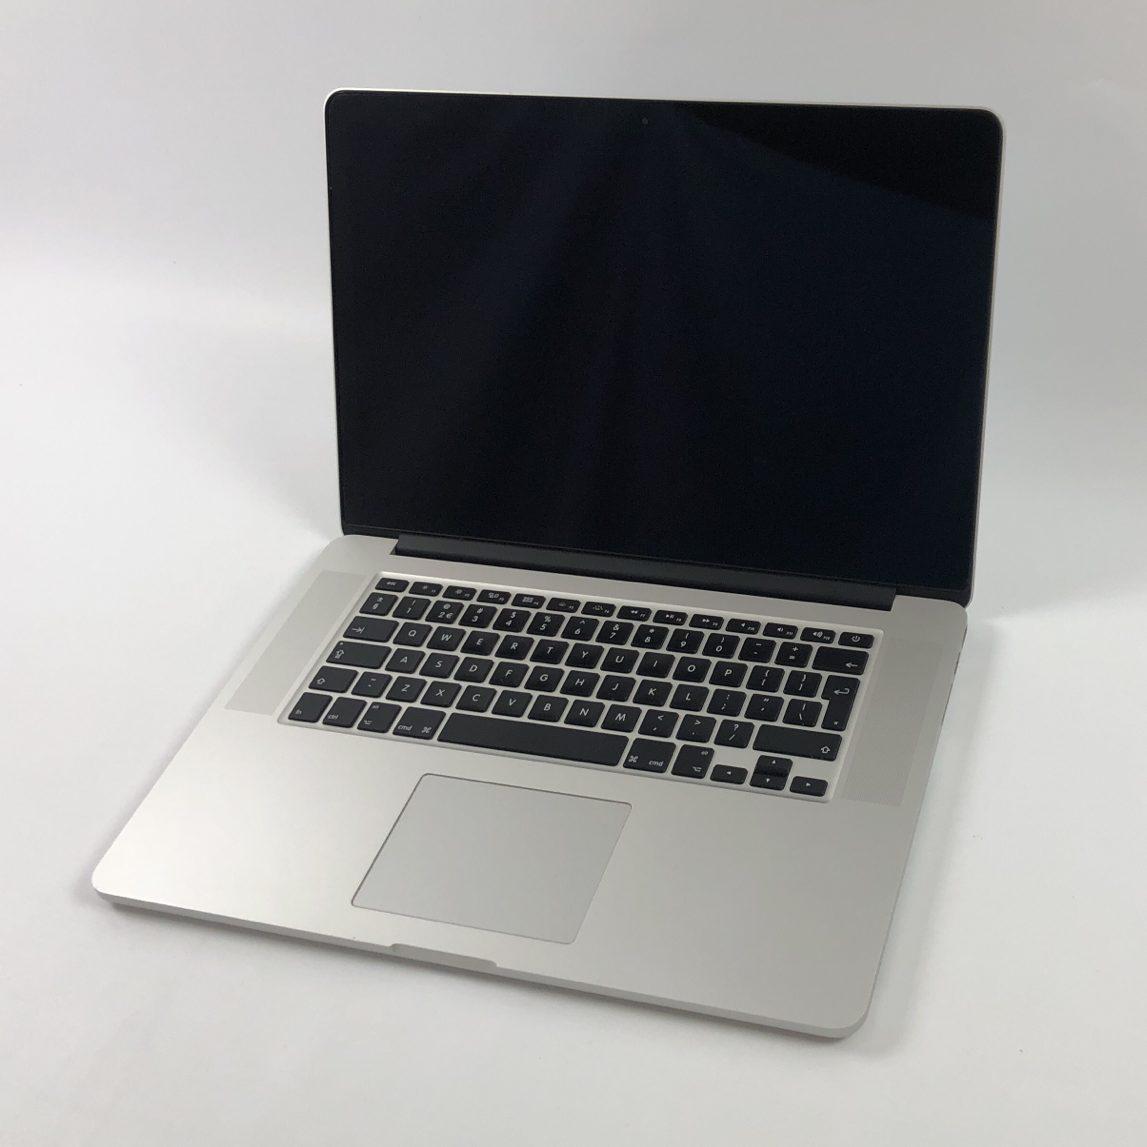 """MacBook Pro Retina 15"""" Mid 2015 (Intel Quad-Core i7 2.8 GHz 16 GB RAM 1 TB SSD), Intel Quad-Core i7 2.8 GHz, 16 GB RAM, 1 TB SSD, Afbeelding 1"""